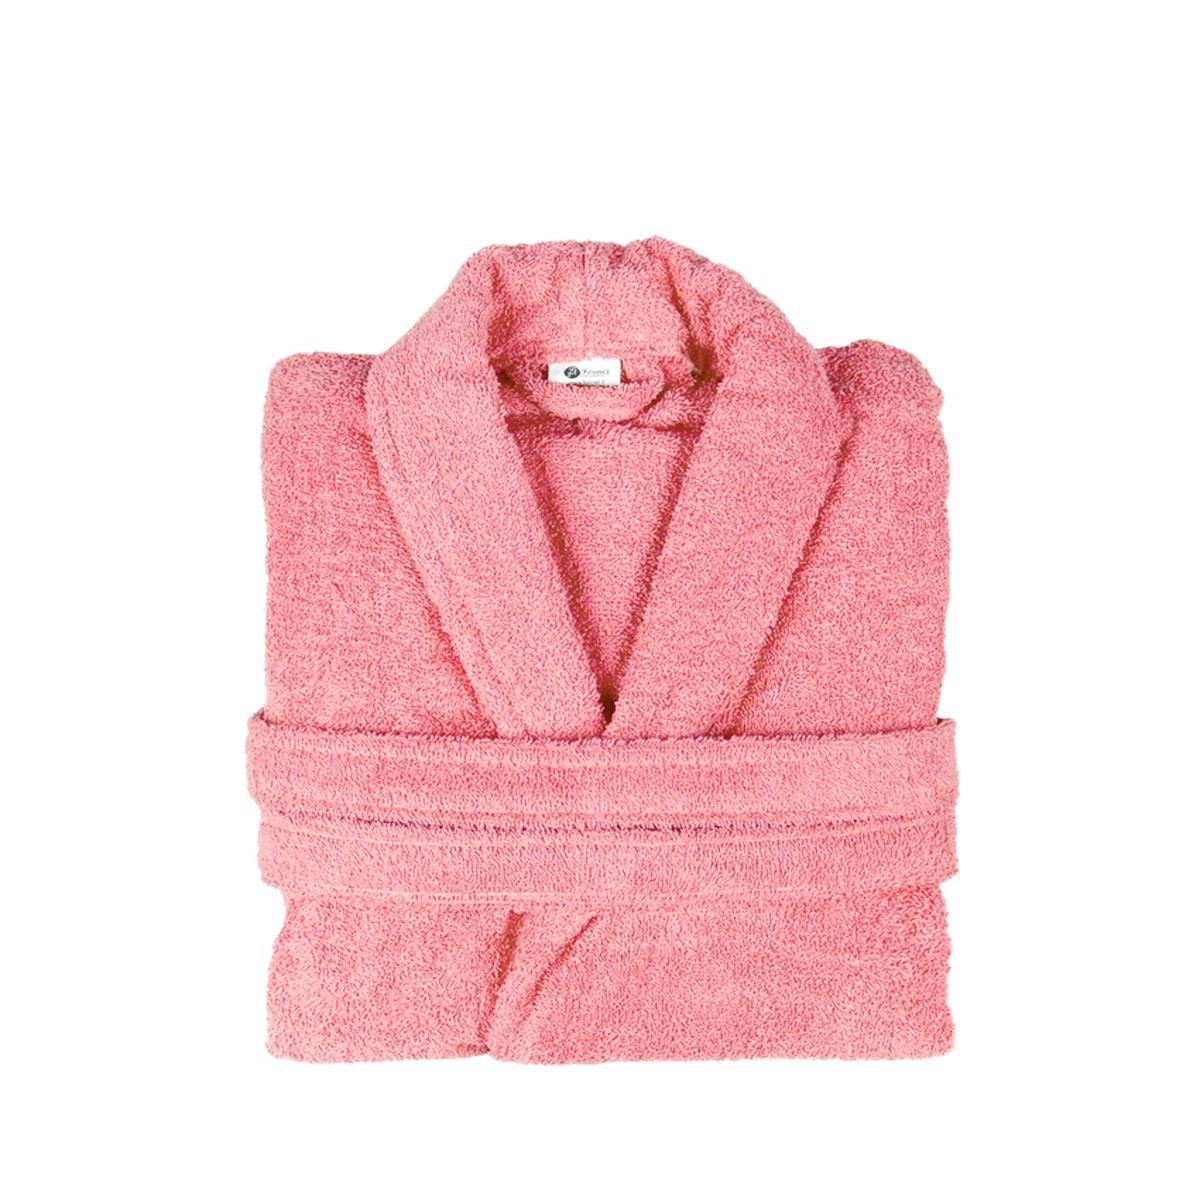 Μπουρνούζι Με Γιακά Fennel Comfort Ροζ MEDIUM MEDIUM